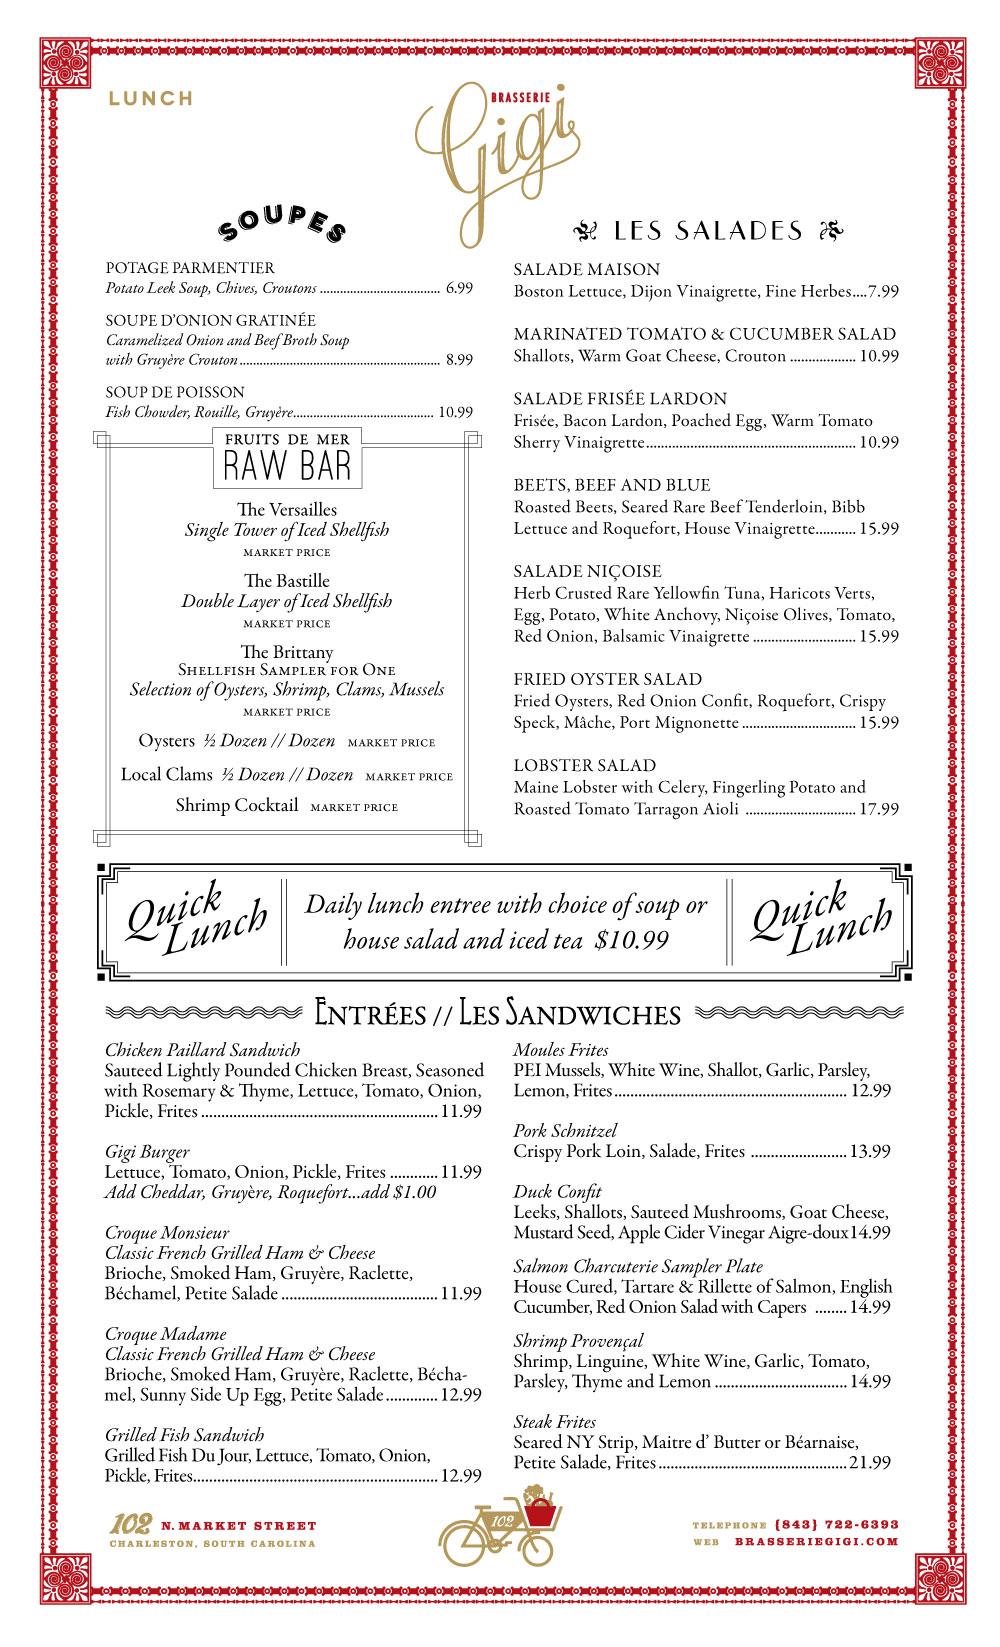 GIGI_lunch-menu